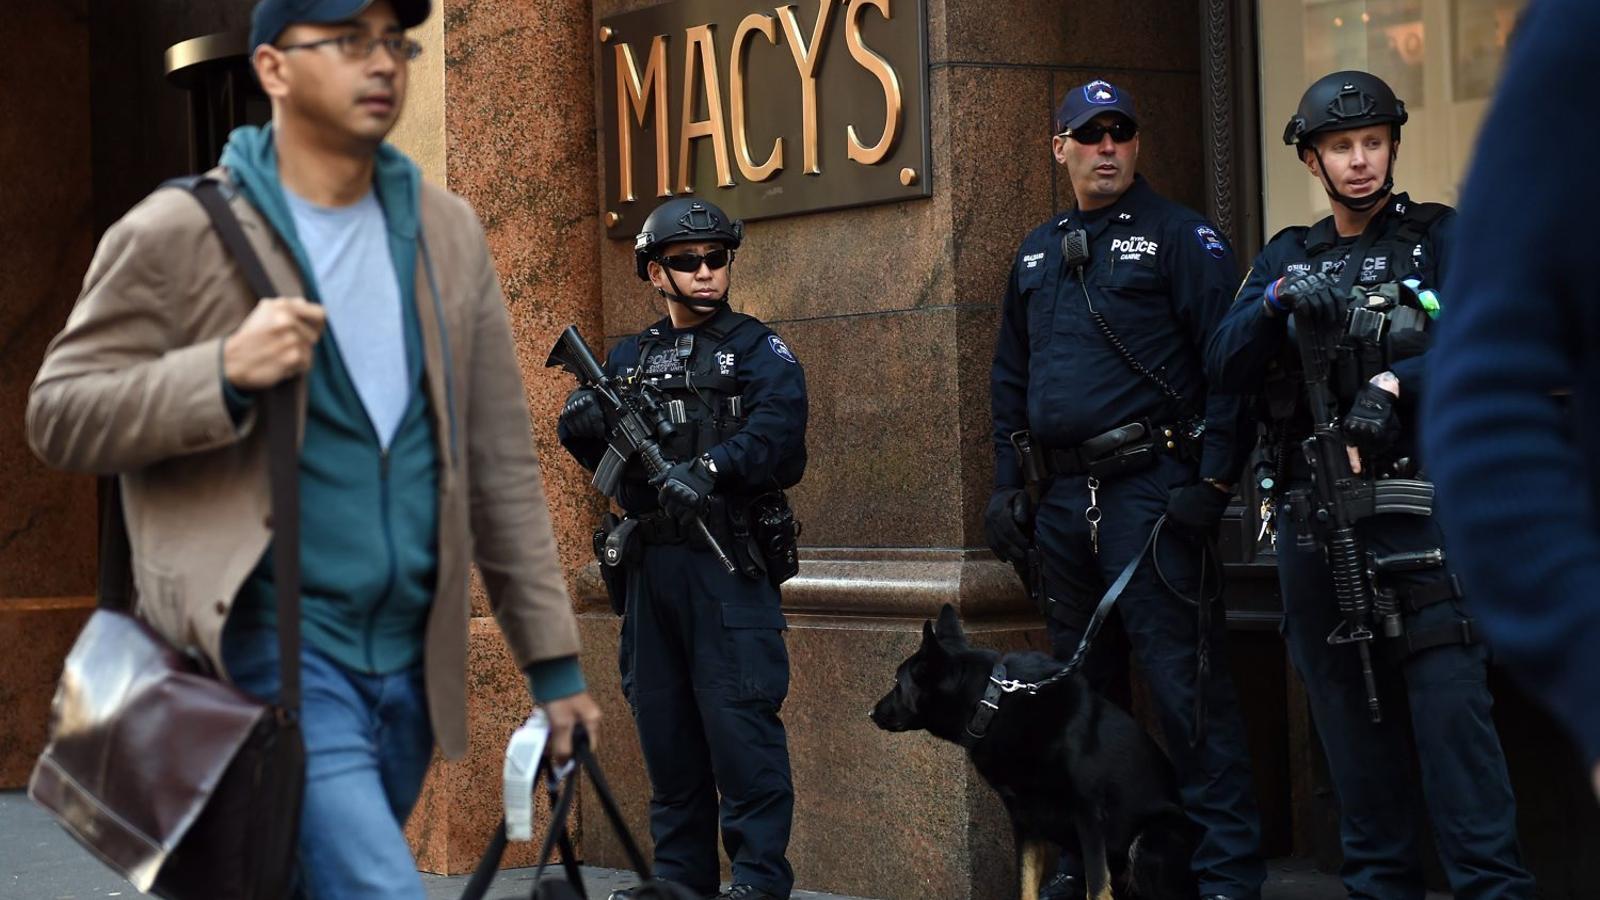 Nova York ha augmentat les seves mesures de seguretat davant dels atacs terroristes a París de la setmana passada.